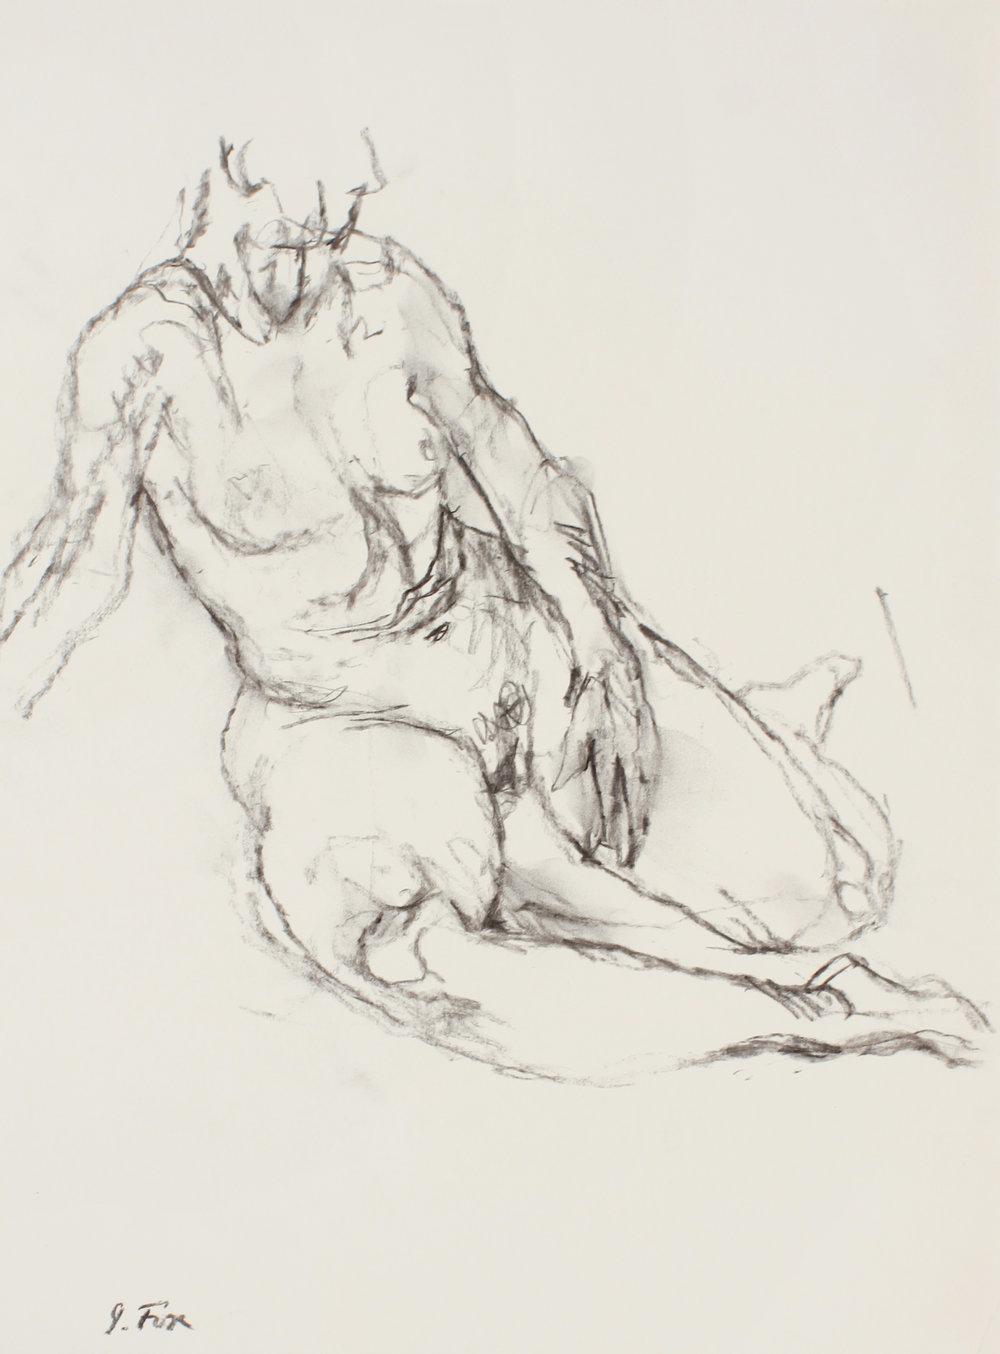 Seated Nude on Floor